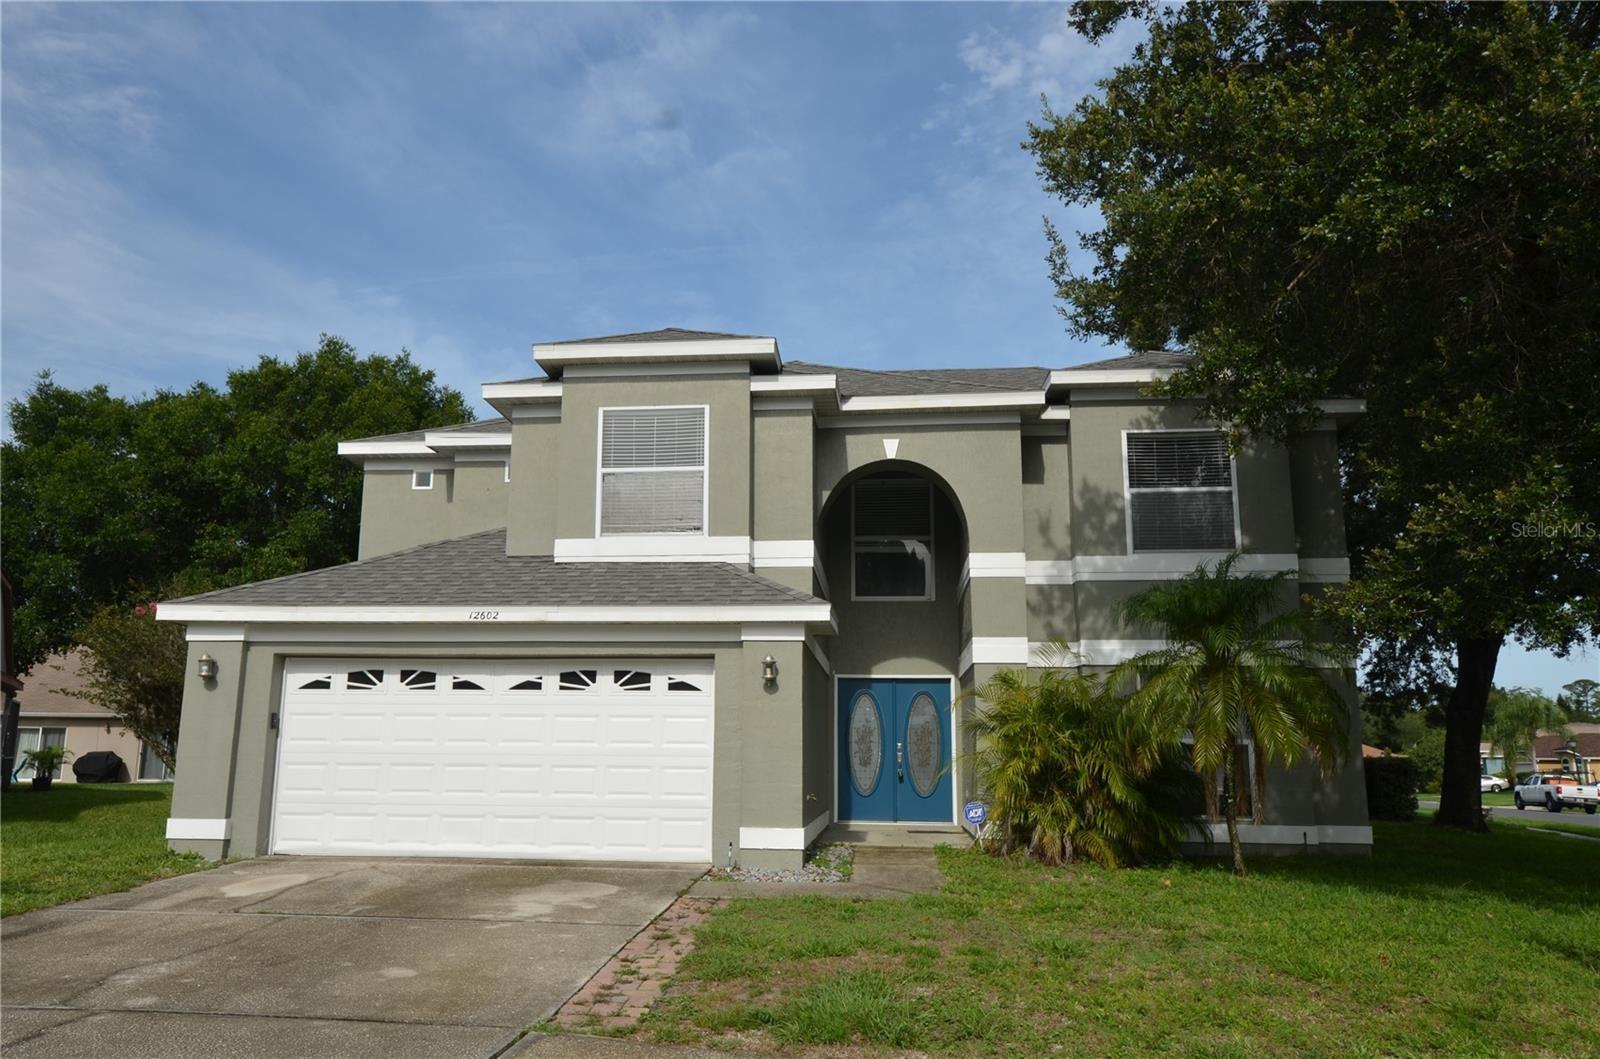 12602 WATERHAVEN CIRCLE, Orlando, FL 32828 - #: O5953614